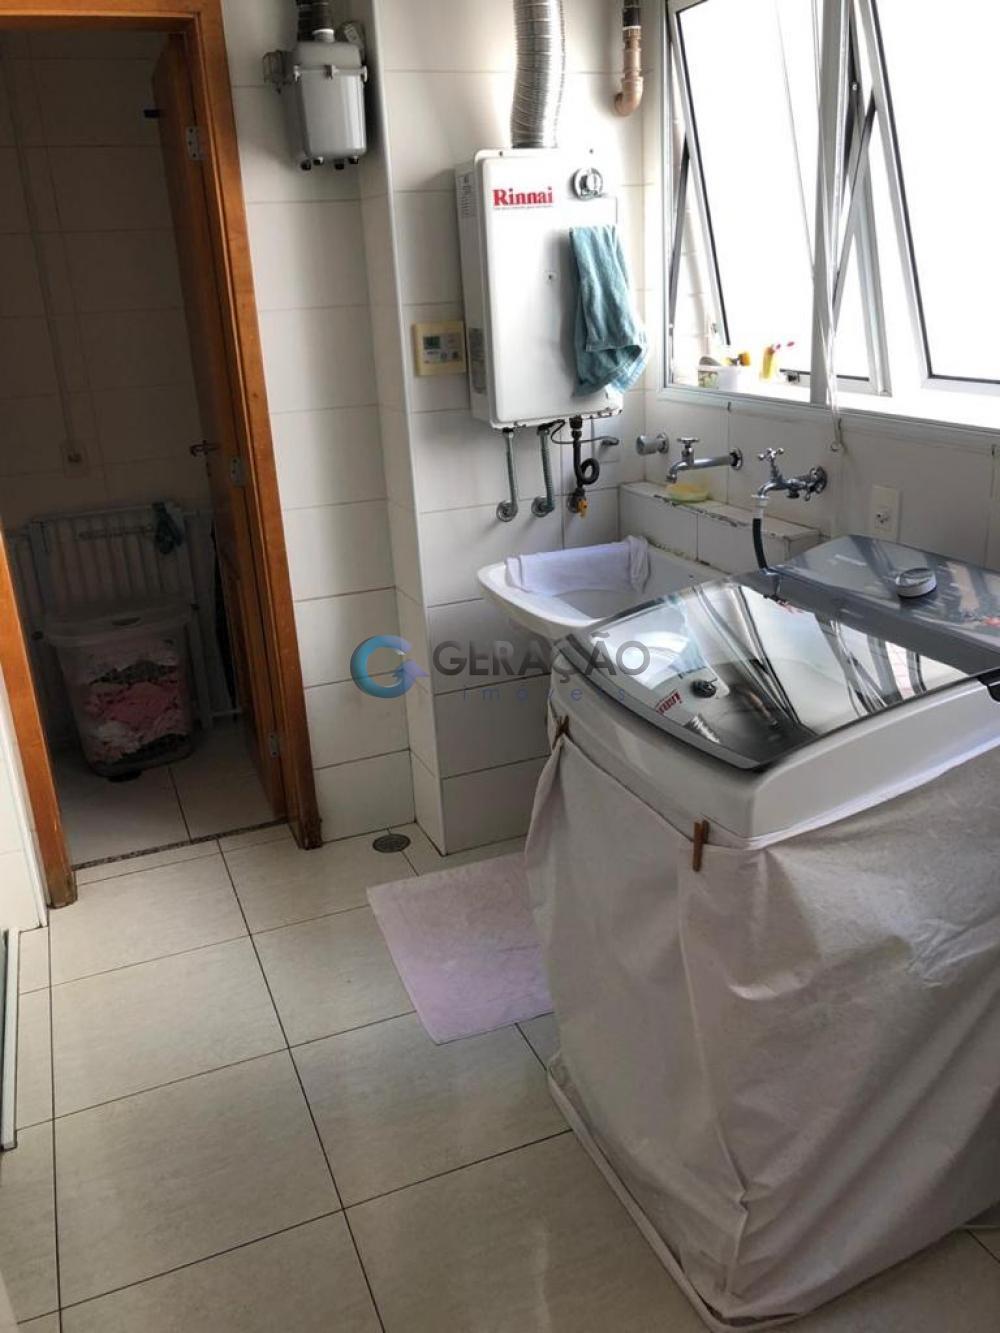 Comprar Apartamento / Padrão em São Paulo apenas R$ 1.300.000,00 - Foto 11